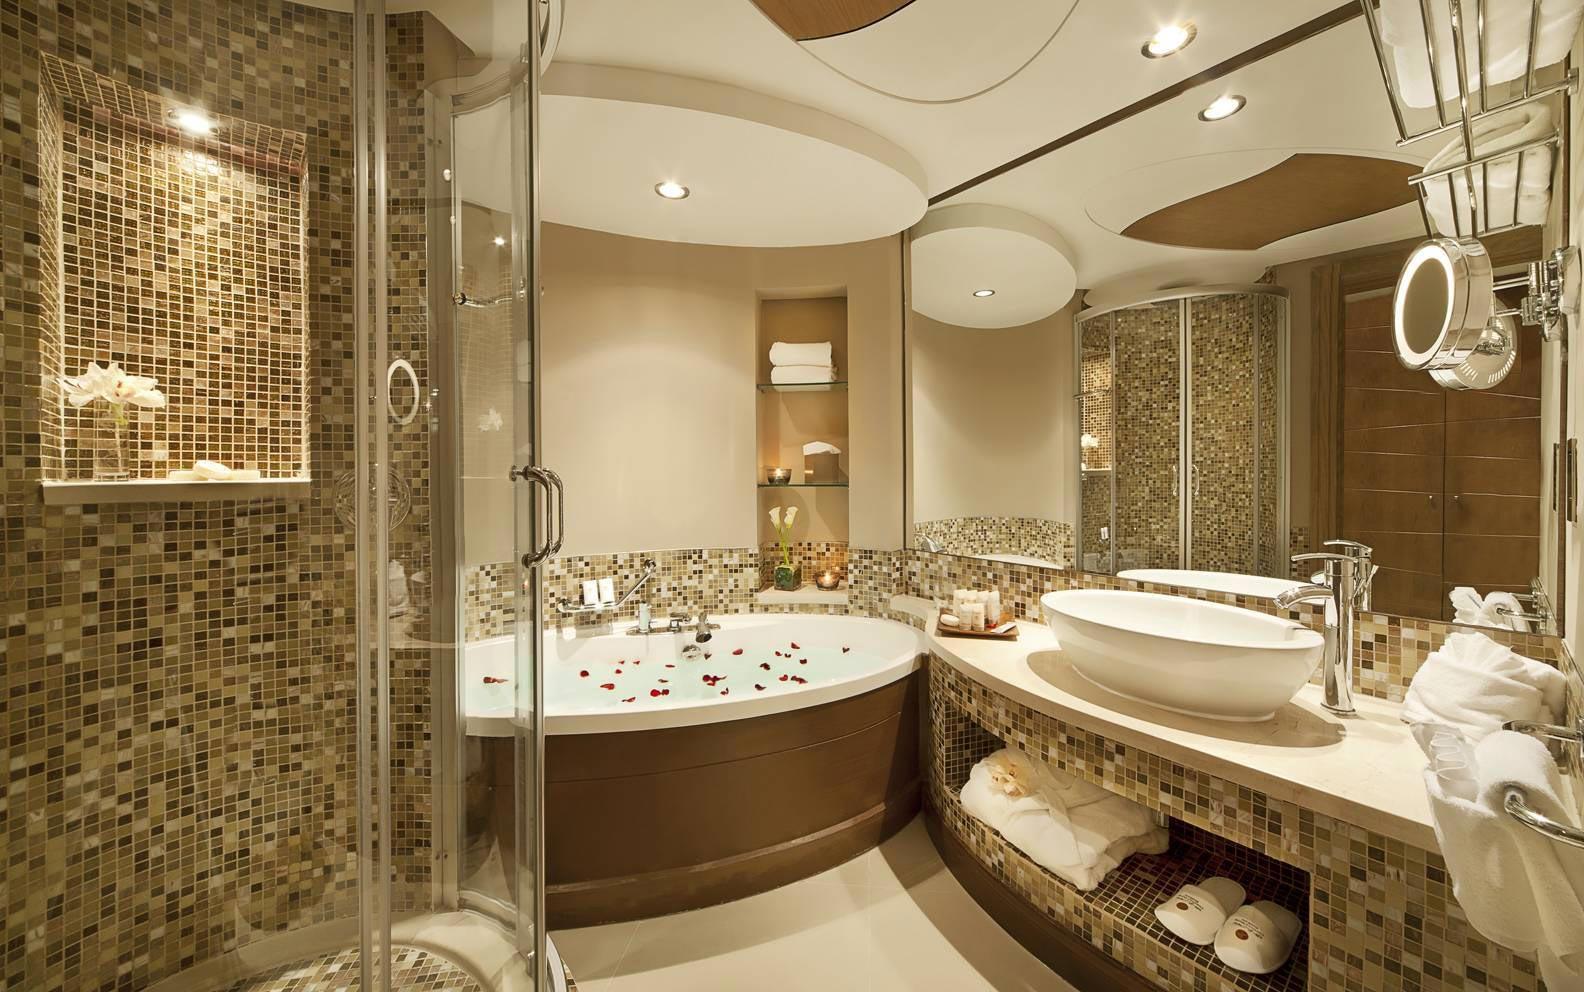 варианты современного дизайна с плиткой в ванной